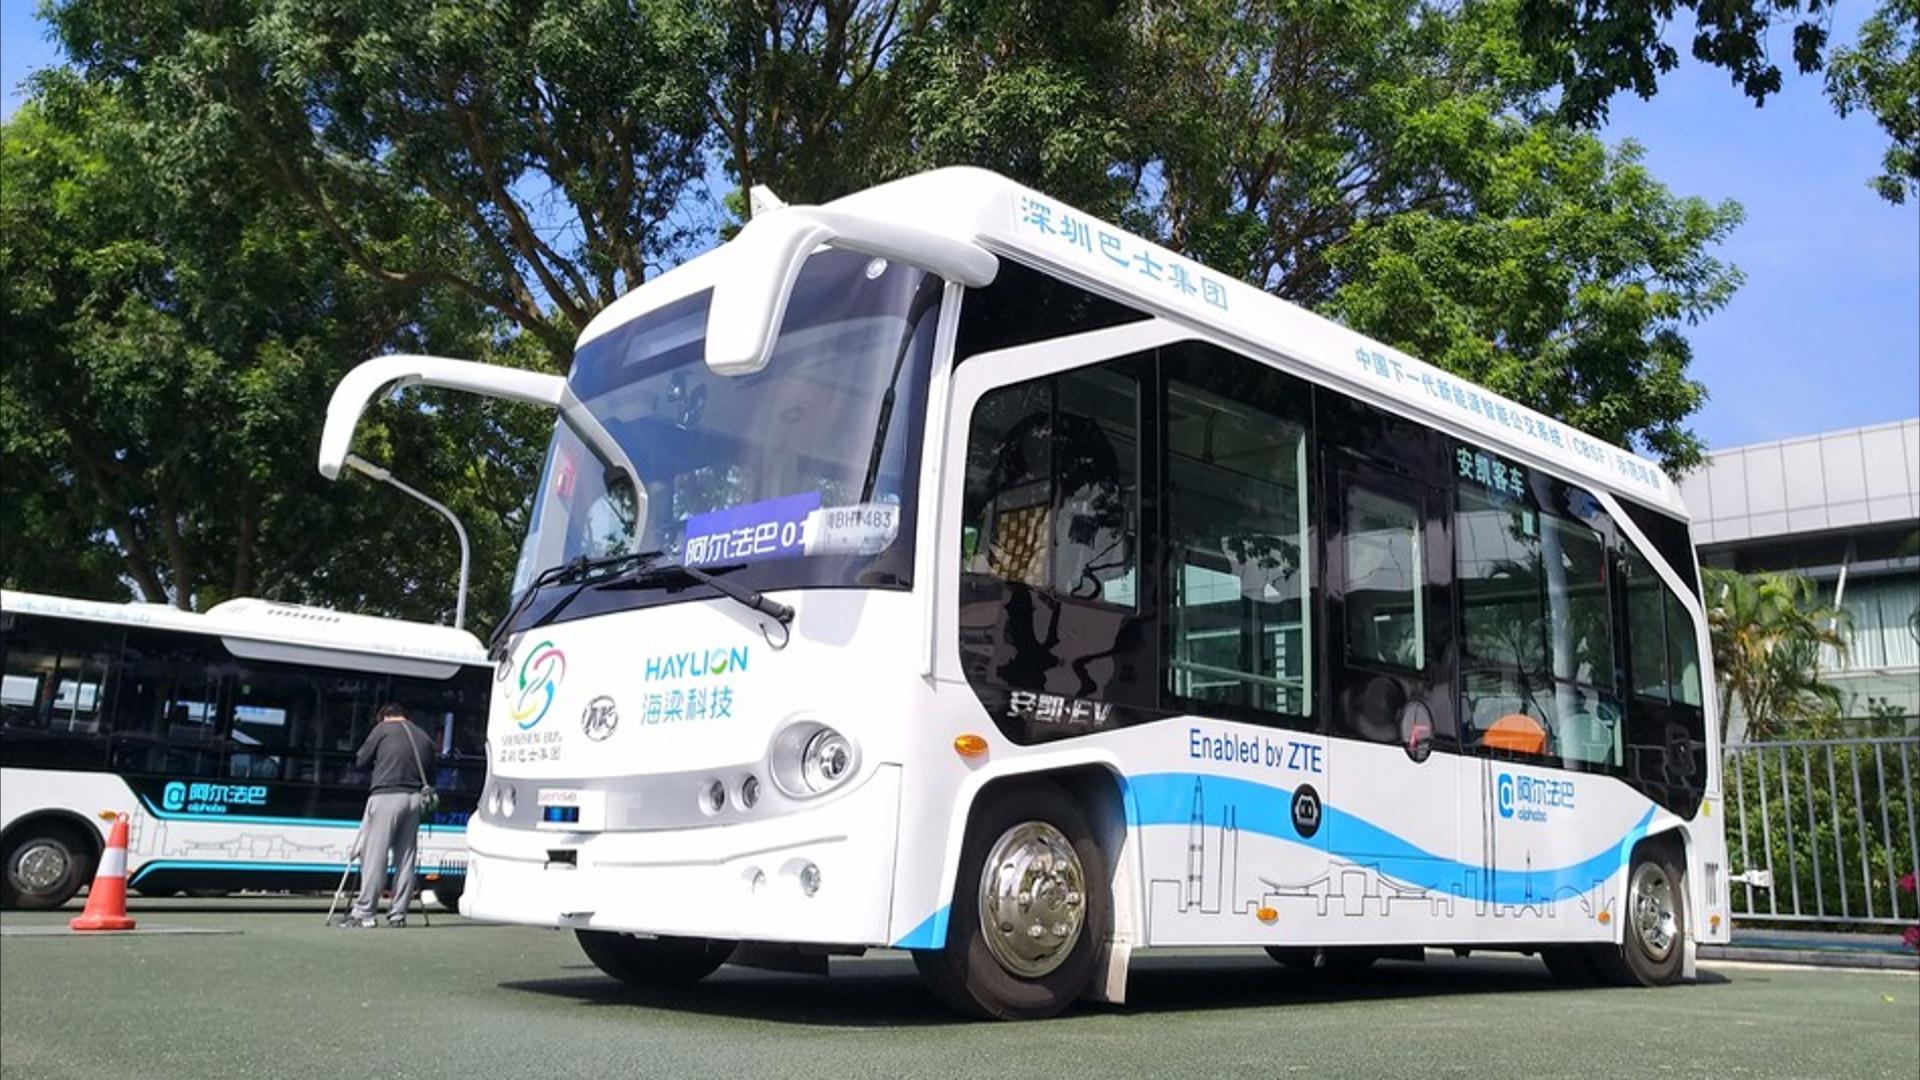 Özüidarəolunan avtobuslar istifadəyə hazırdı